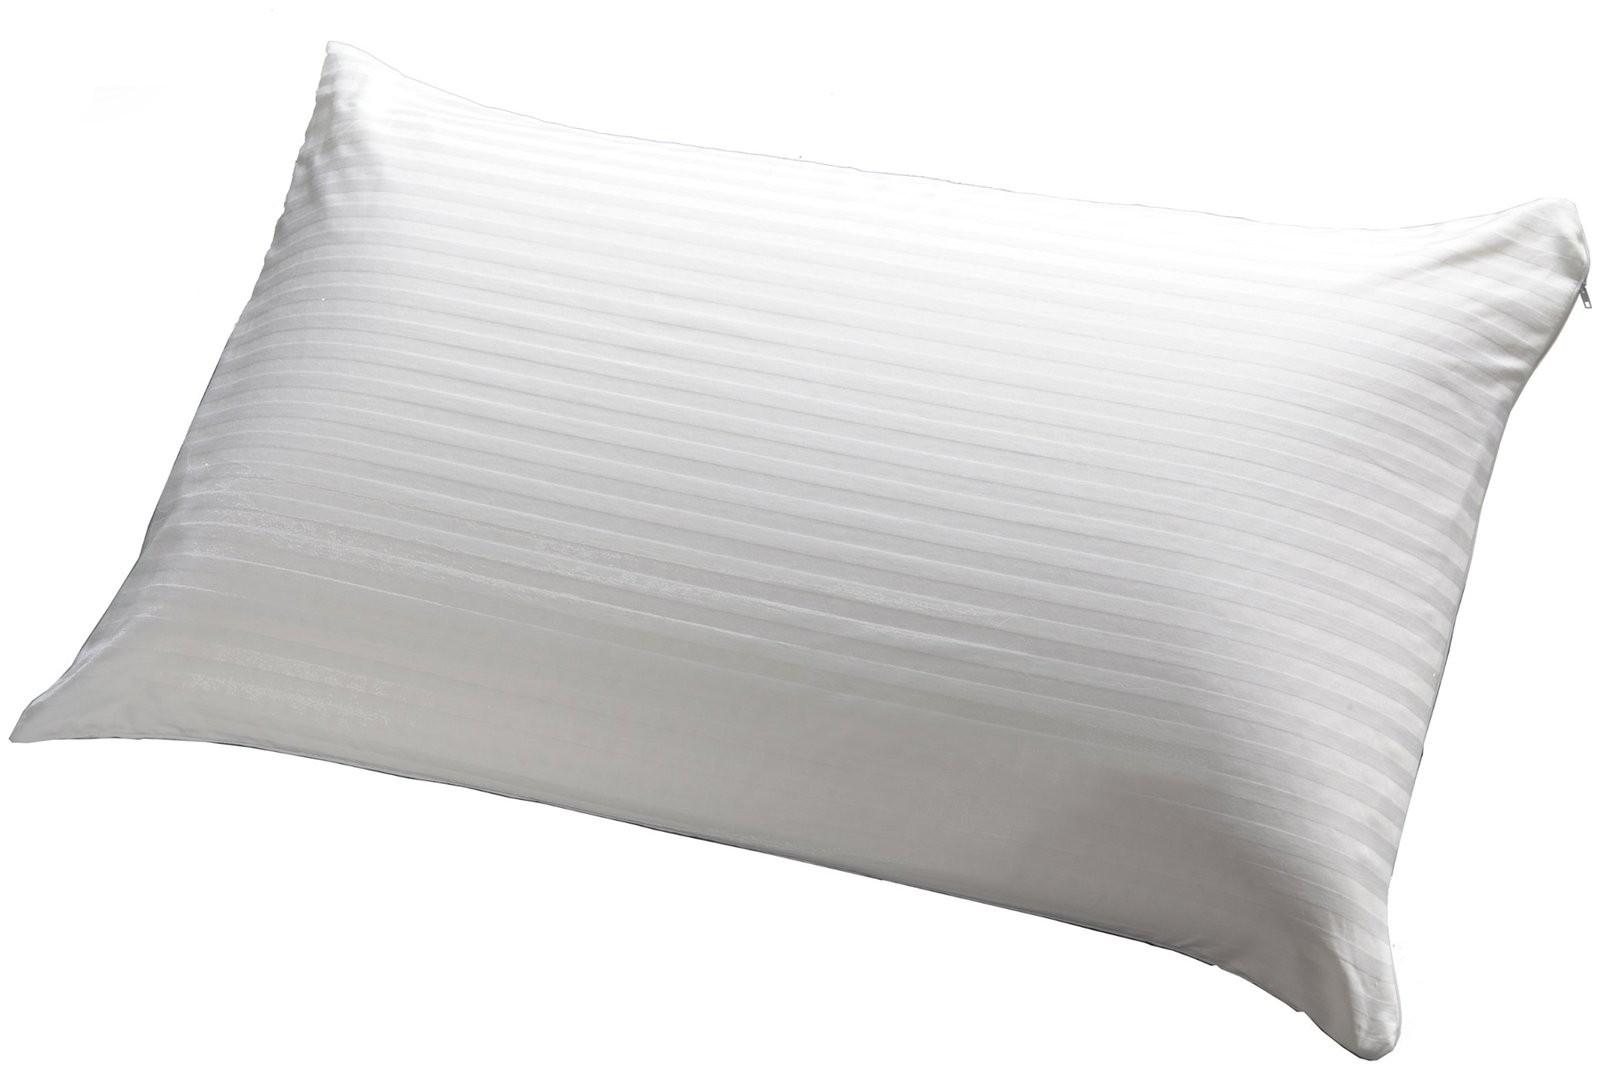 PumPum Soft (hollow) fibre pillow (17' X 27): Buy Online